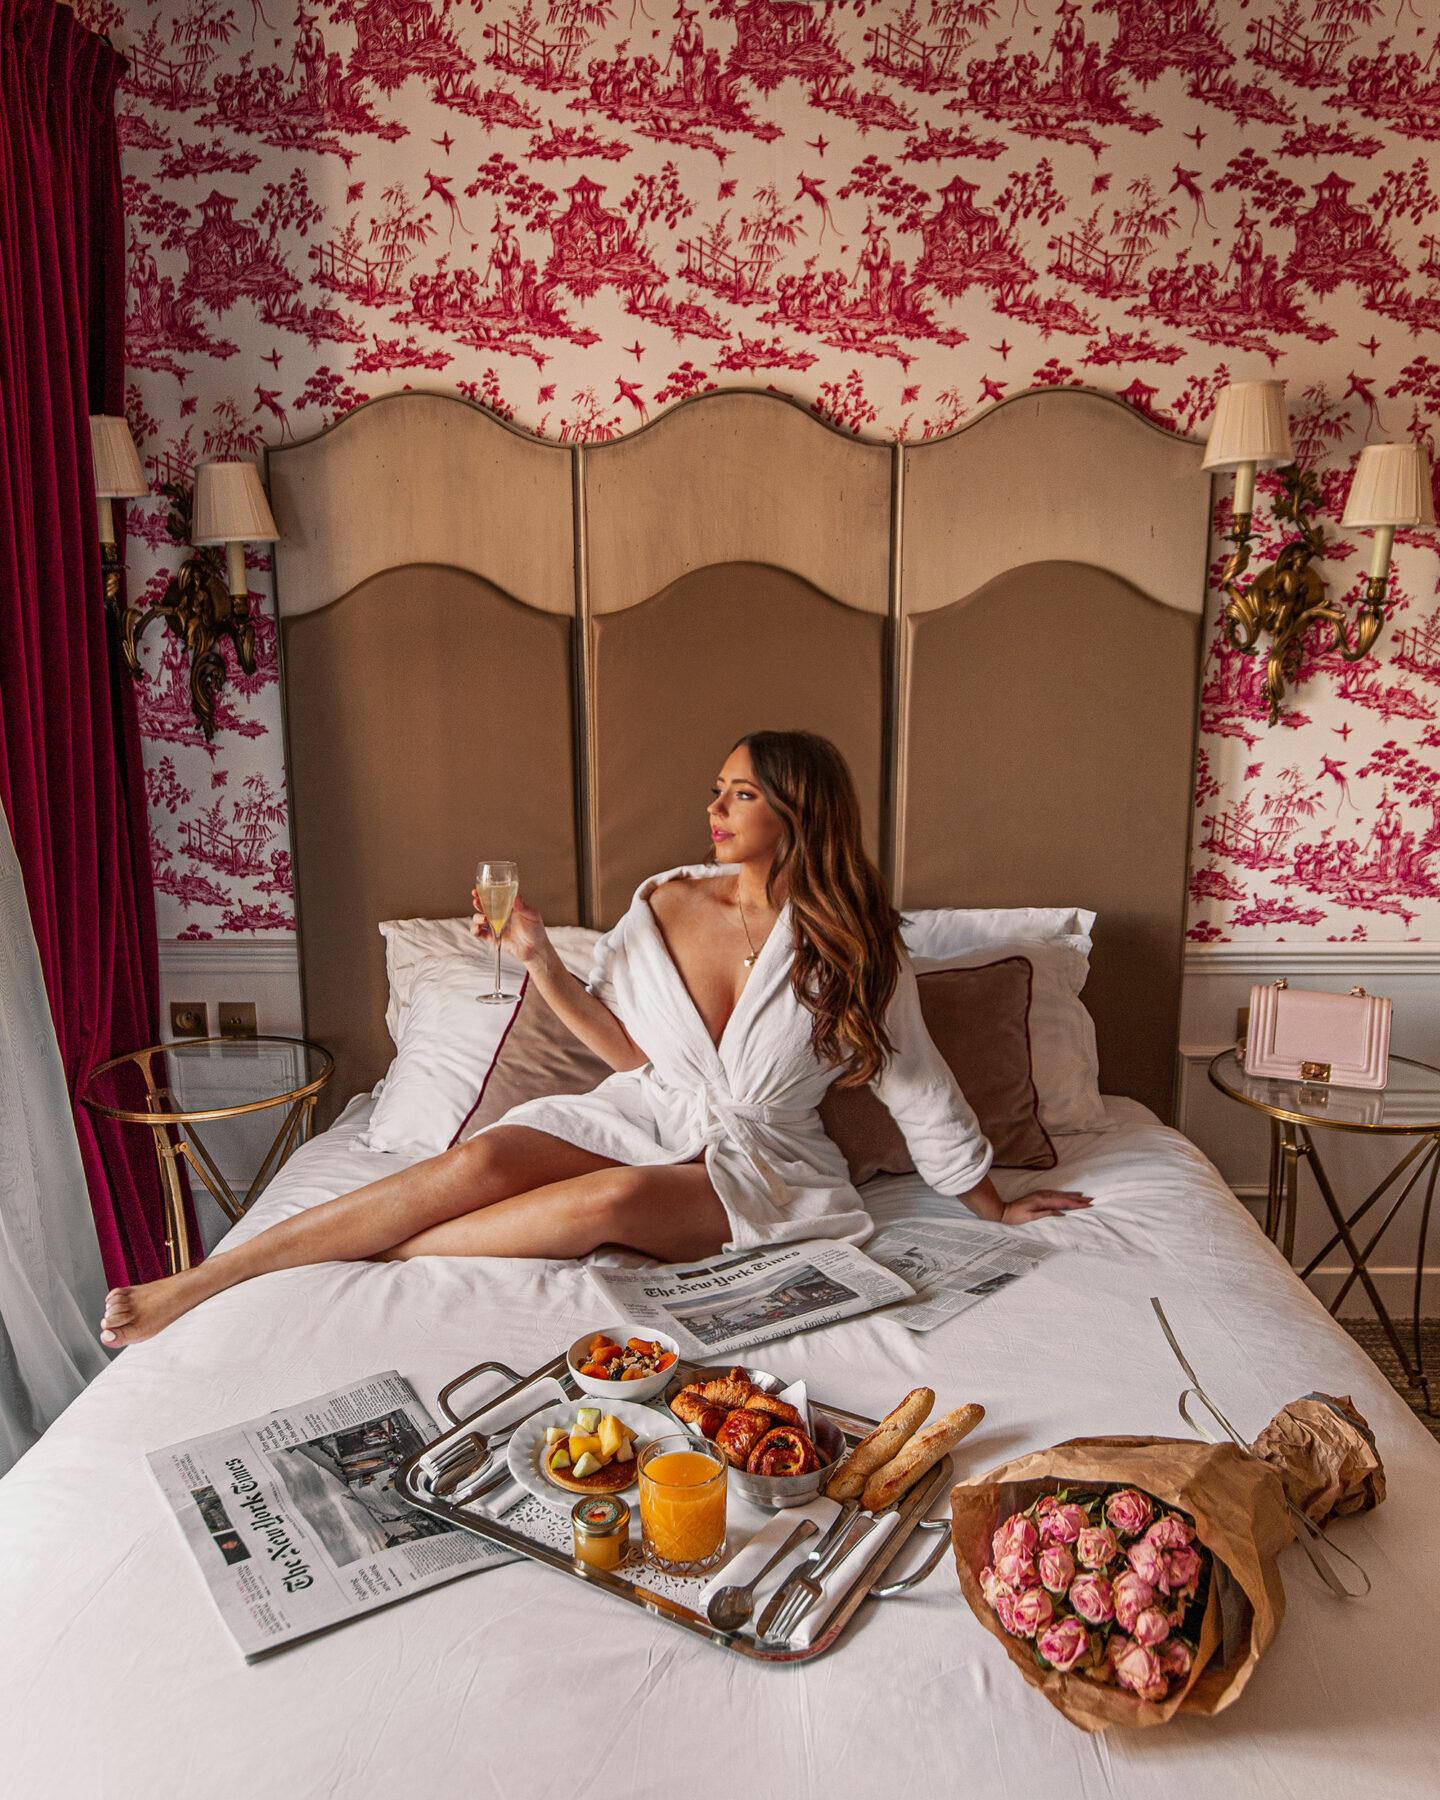 1-best-hotels-in-paris-where-to-stay-in-paris-paris-boutique-hotel-la-maison-favart-kelsey-heinrichs-kelseyinlondon